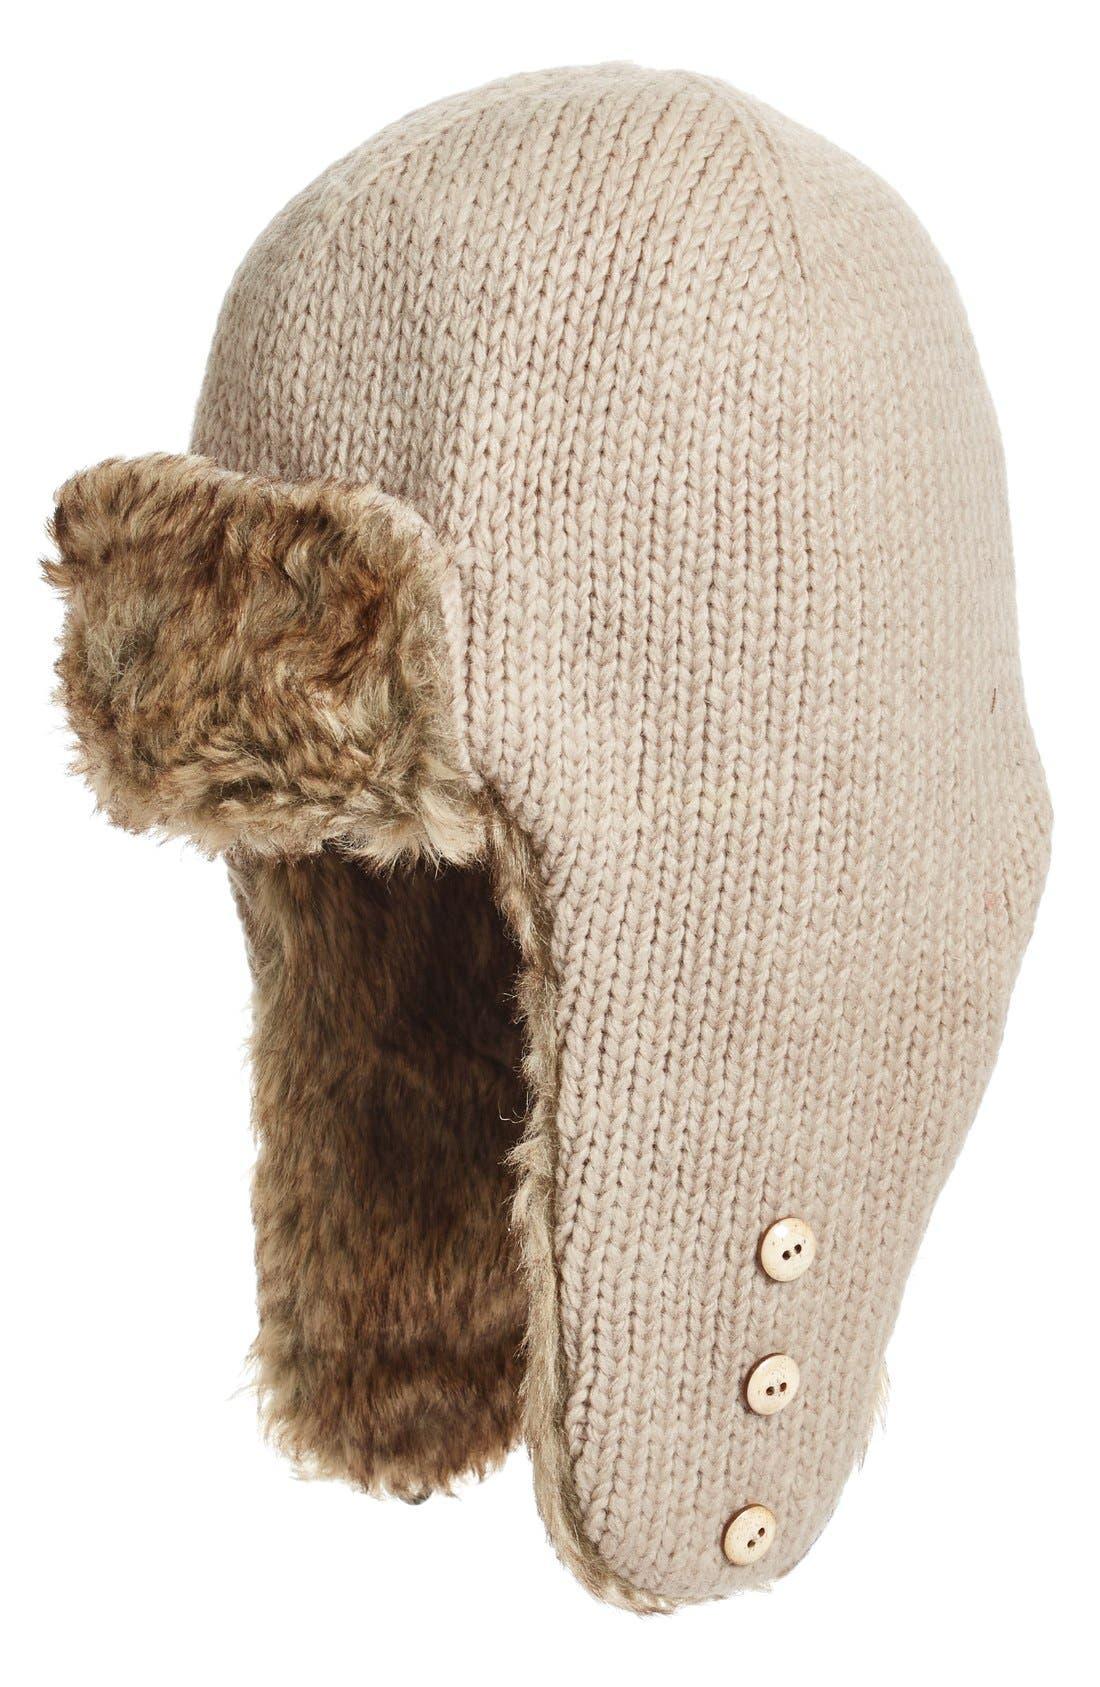 Nirvanna Designs Earflap Hat with Faux Fur Trim